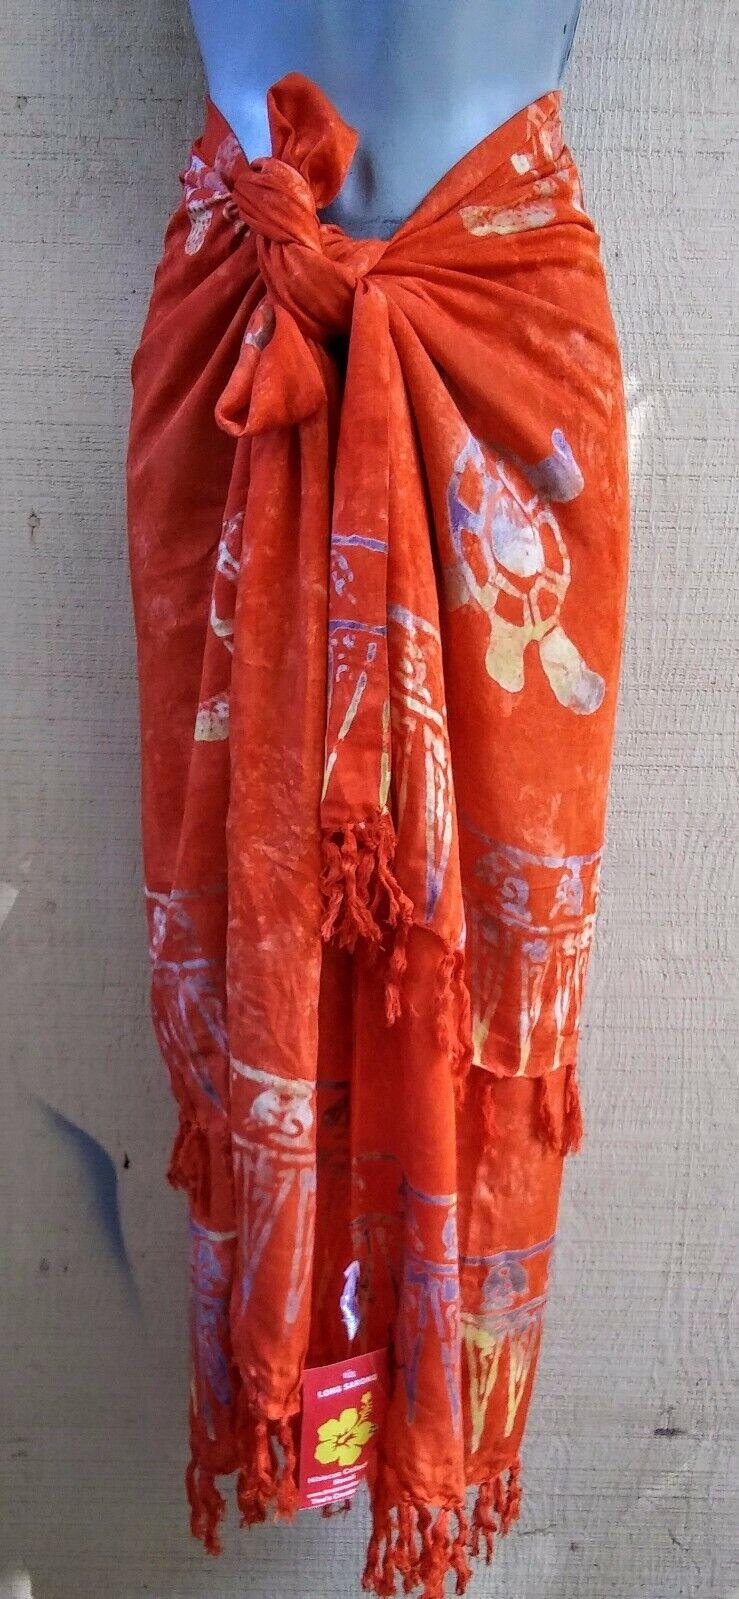 Bali Sarong Batik Fringed Orange Turtles Pareo Dress Skirt